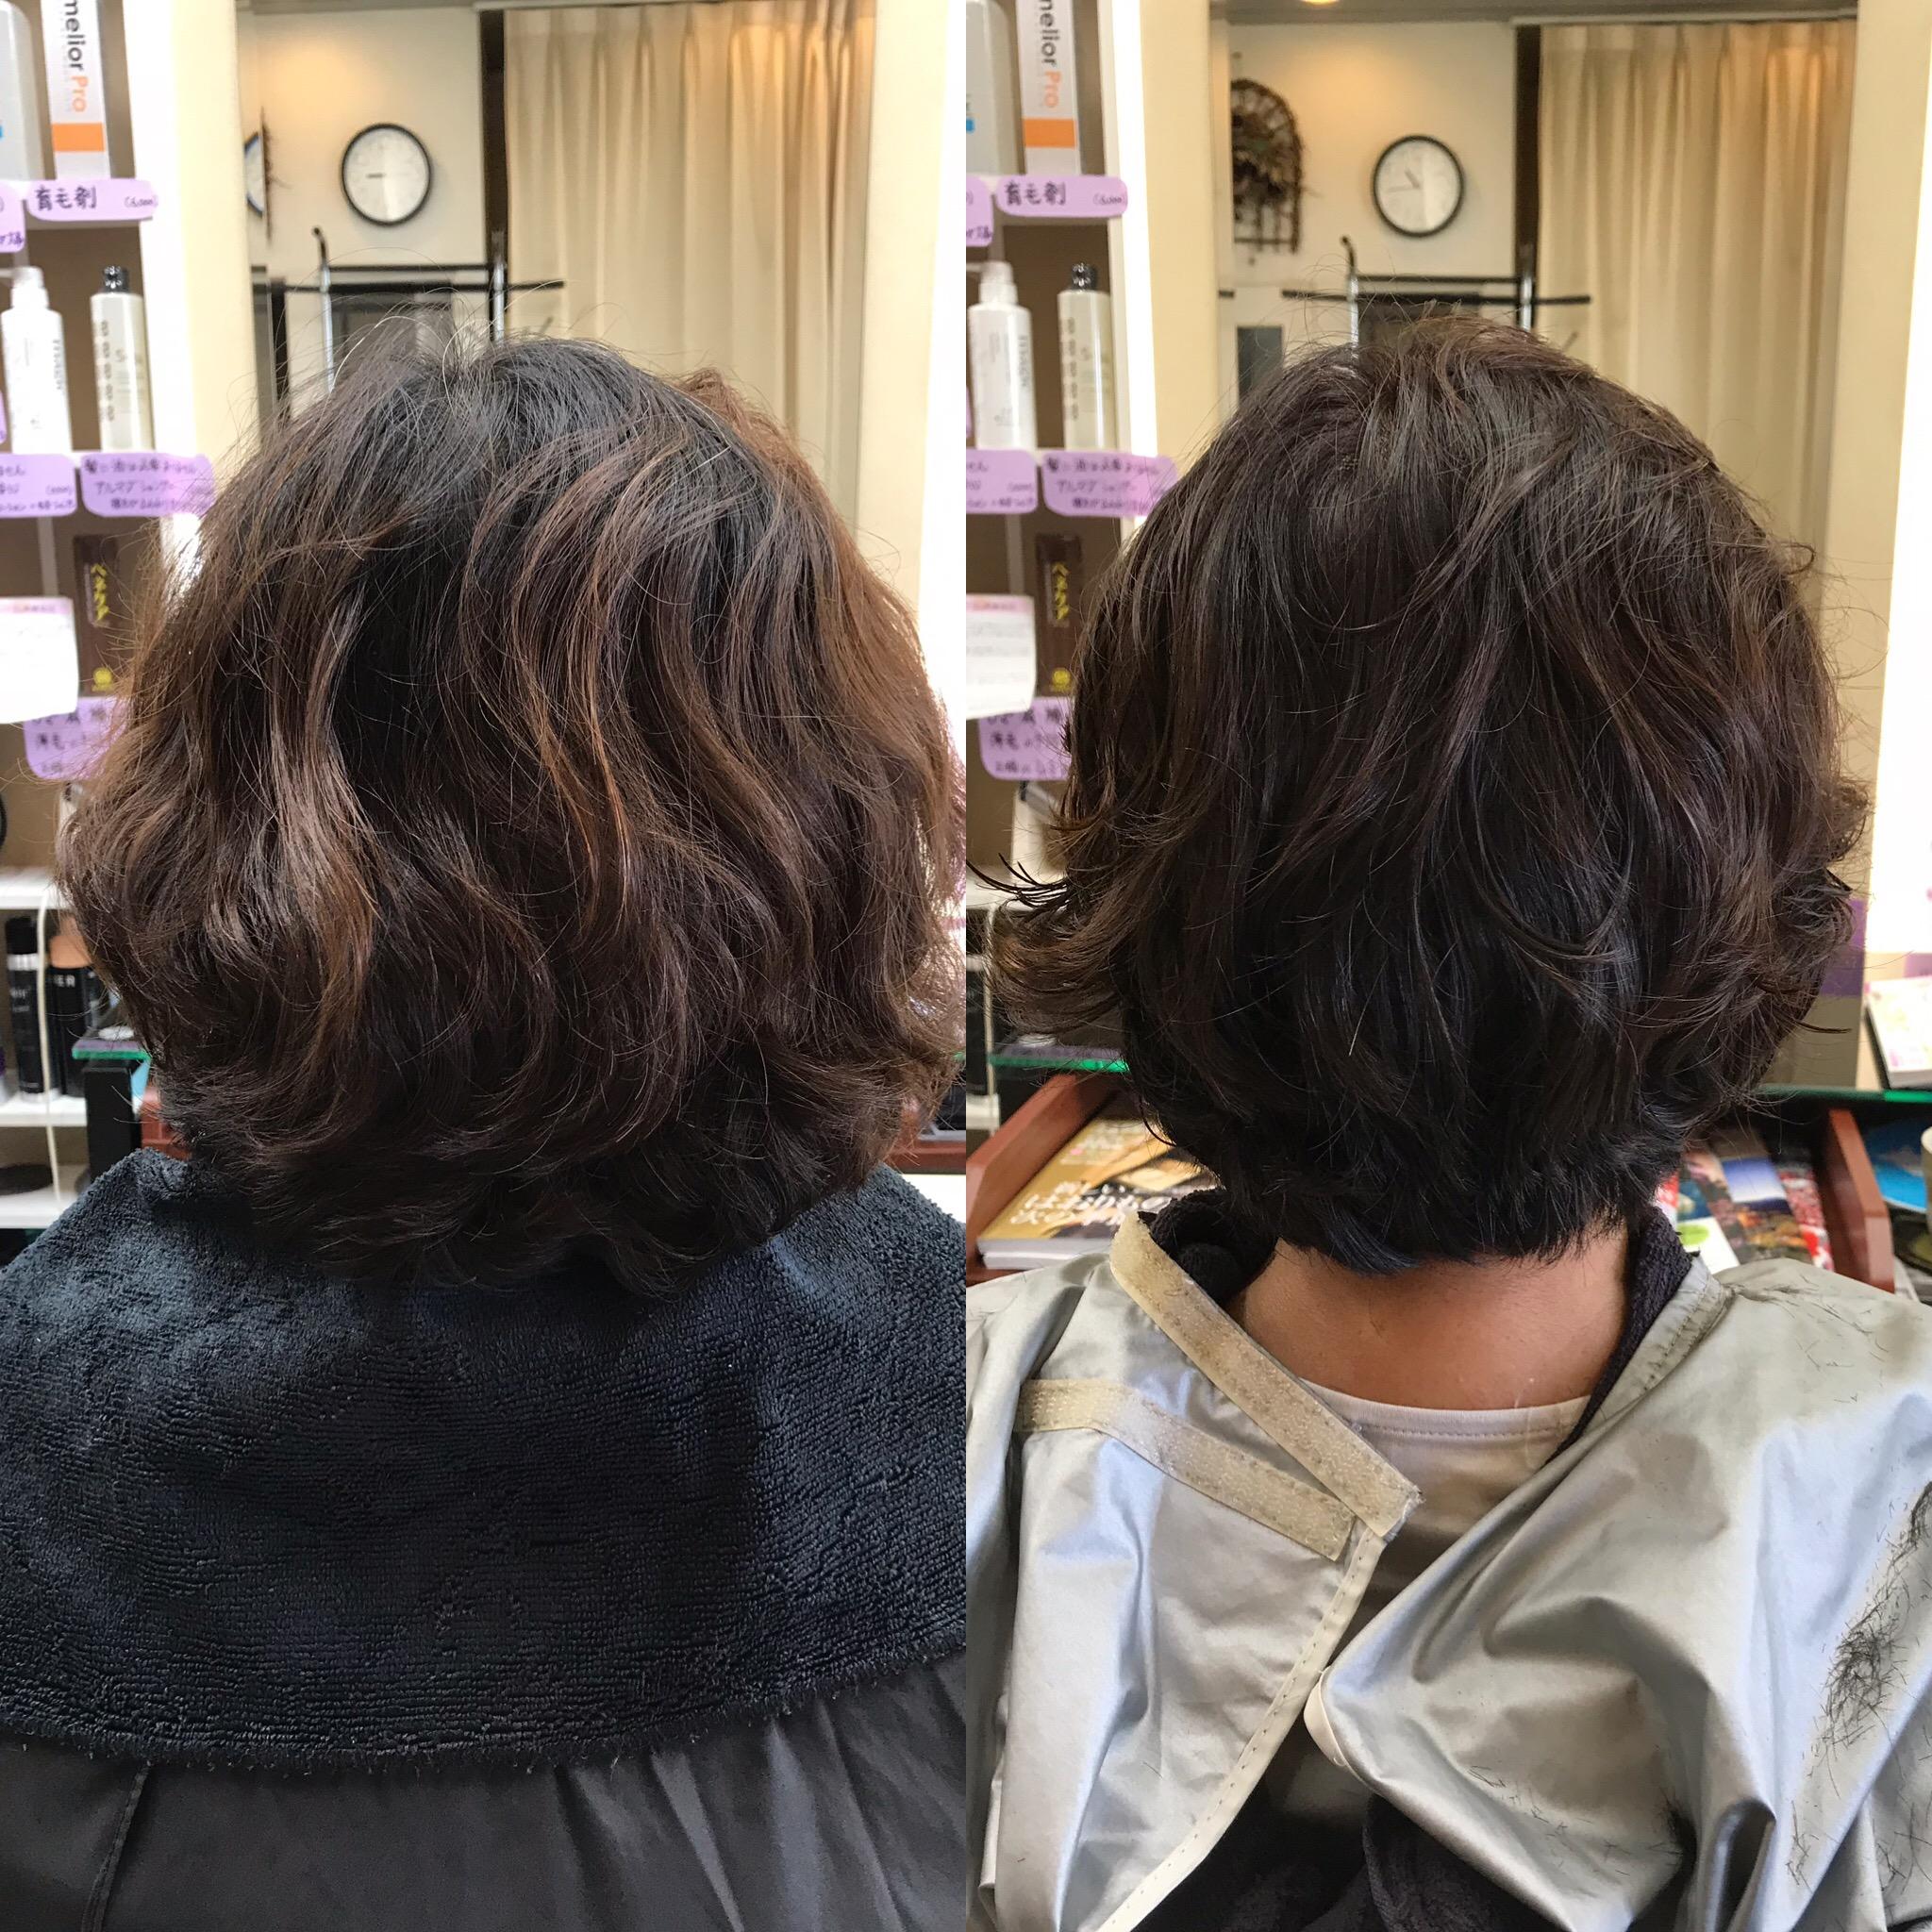 若い頃は直毛でパーマがかかりにくい髪質、現在はくせ毛でパーマがかかりやすい髪質。